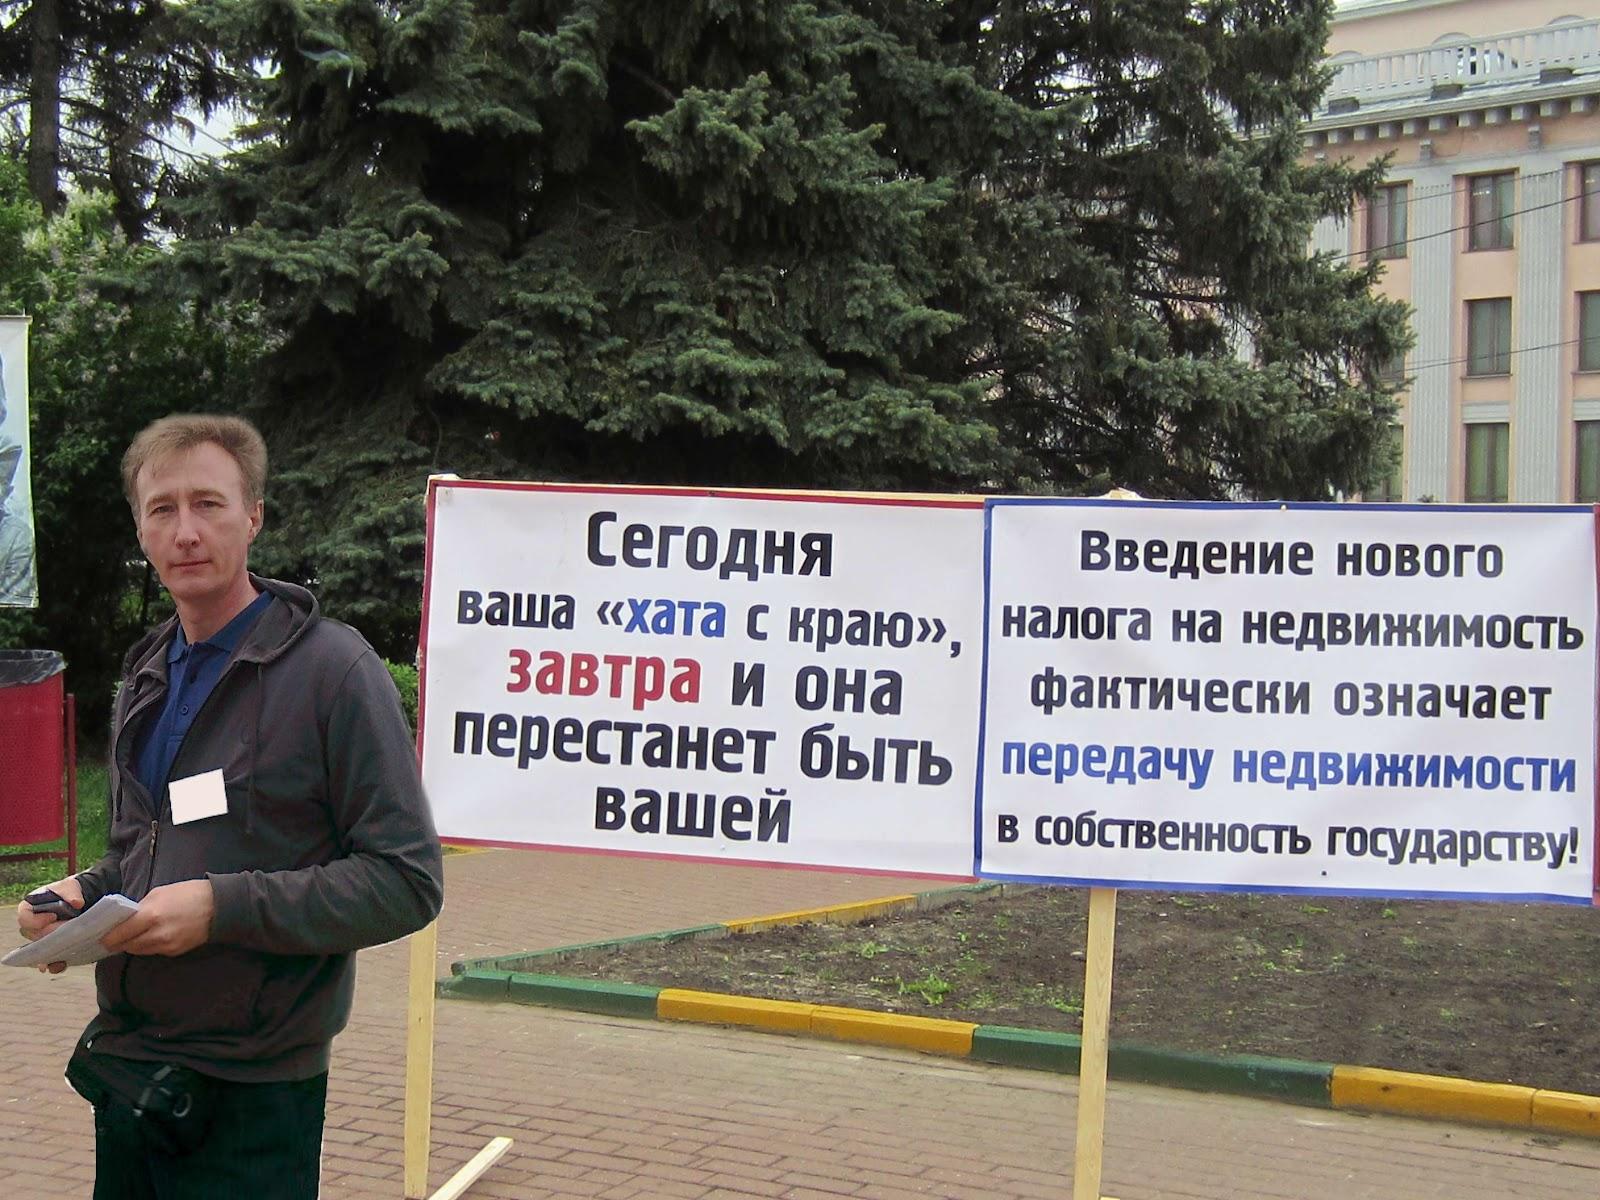 Услуги госпожи нижнего новгорода 11 фотография